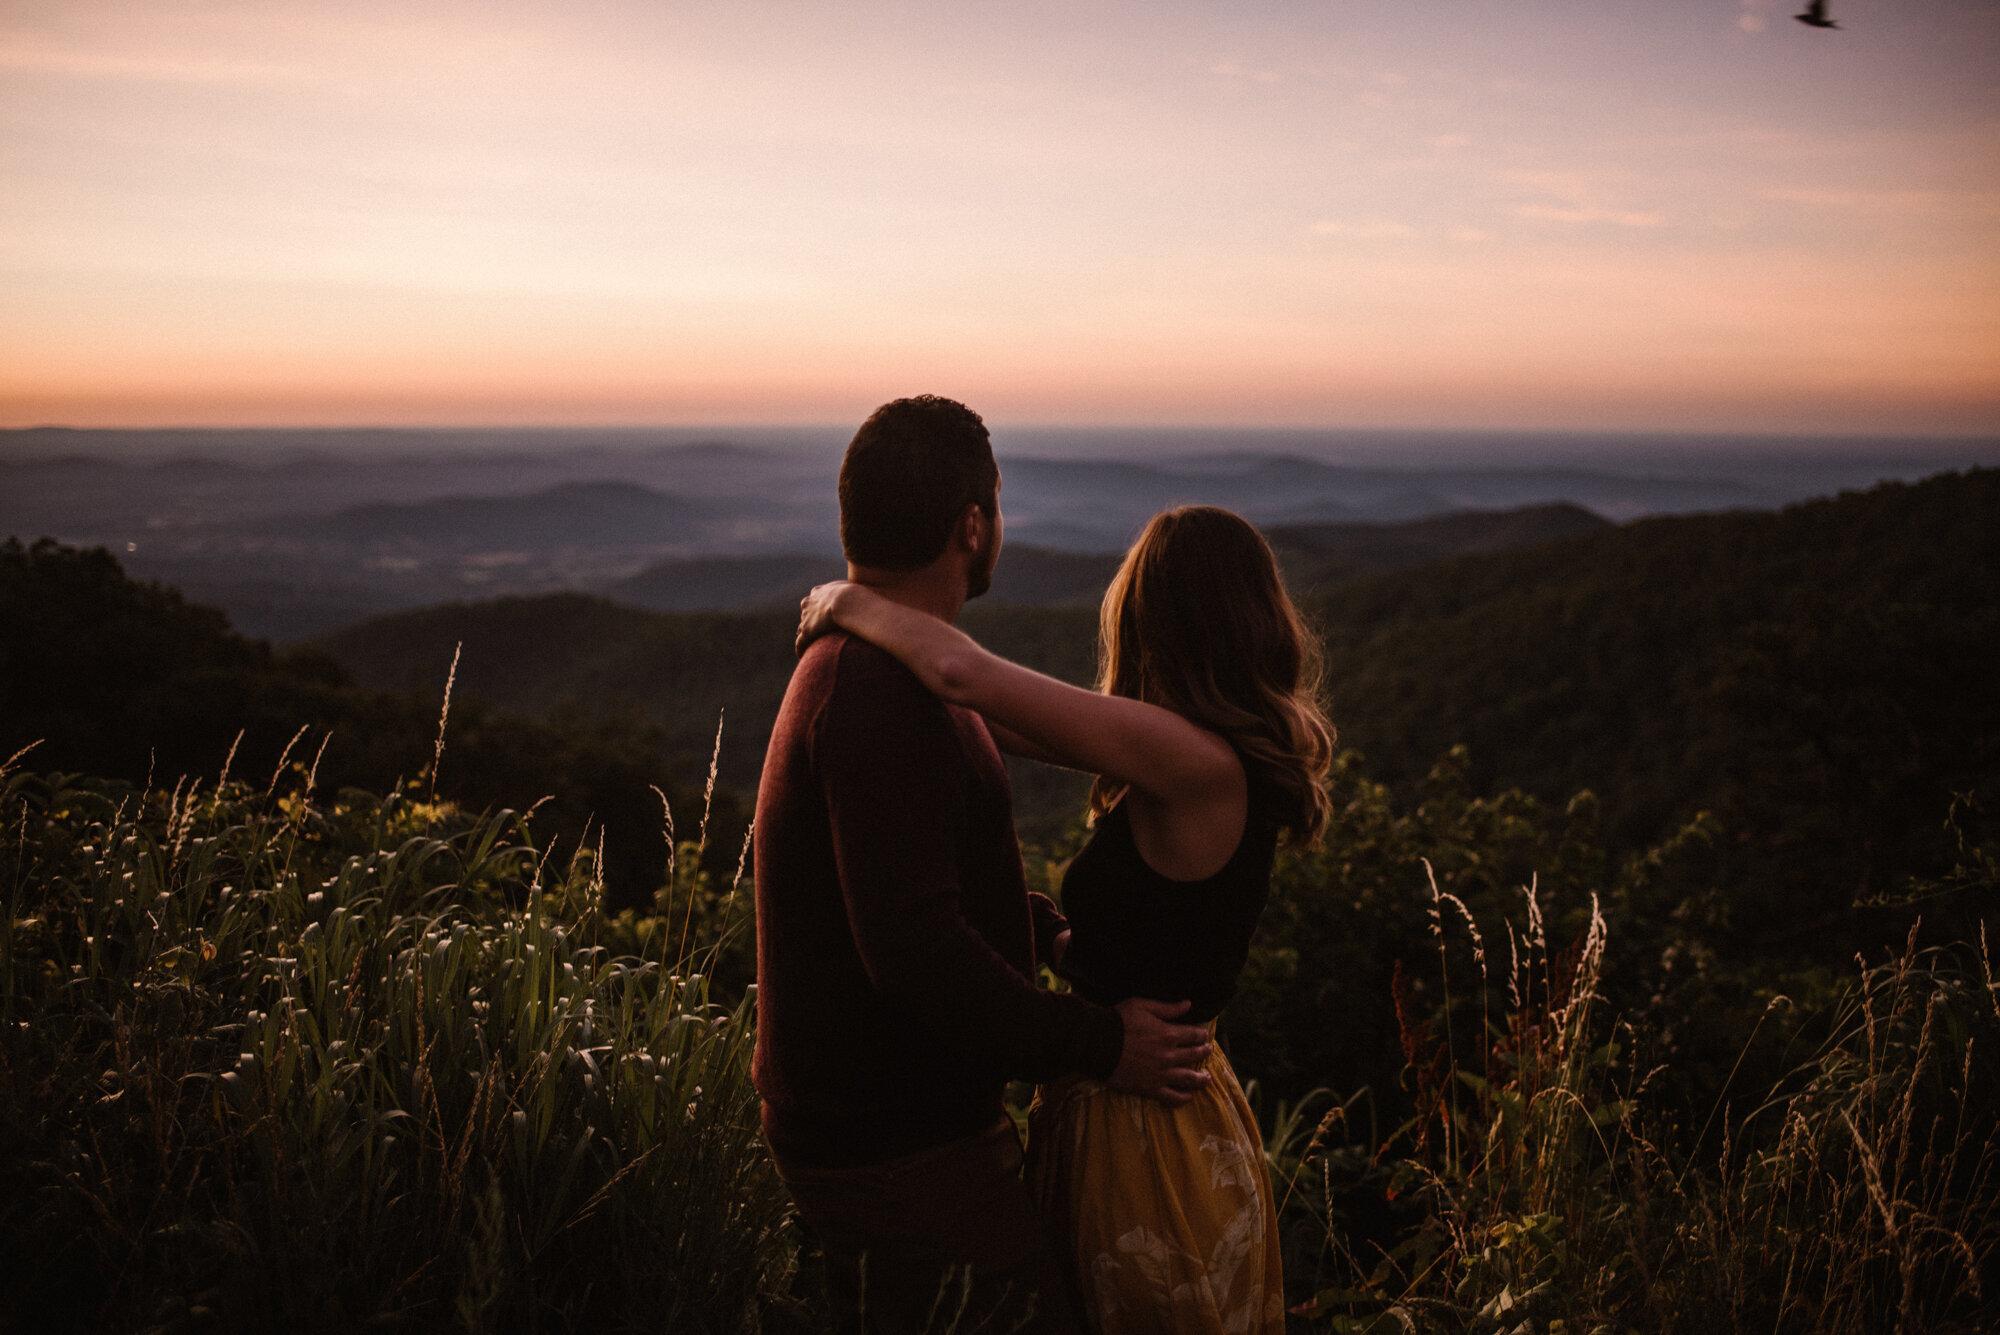 Shenandoah National Park Engagement Session - Sunrise Mountain Couple Photo Shoot - Blue Ridge Mountain Photo Shoot - Shenandoah National Park Photographer - White Sails Creative .jpg